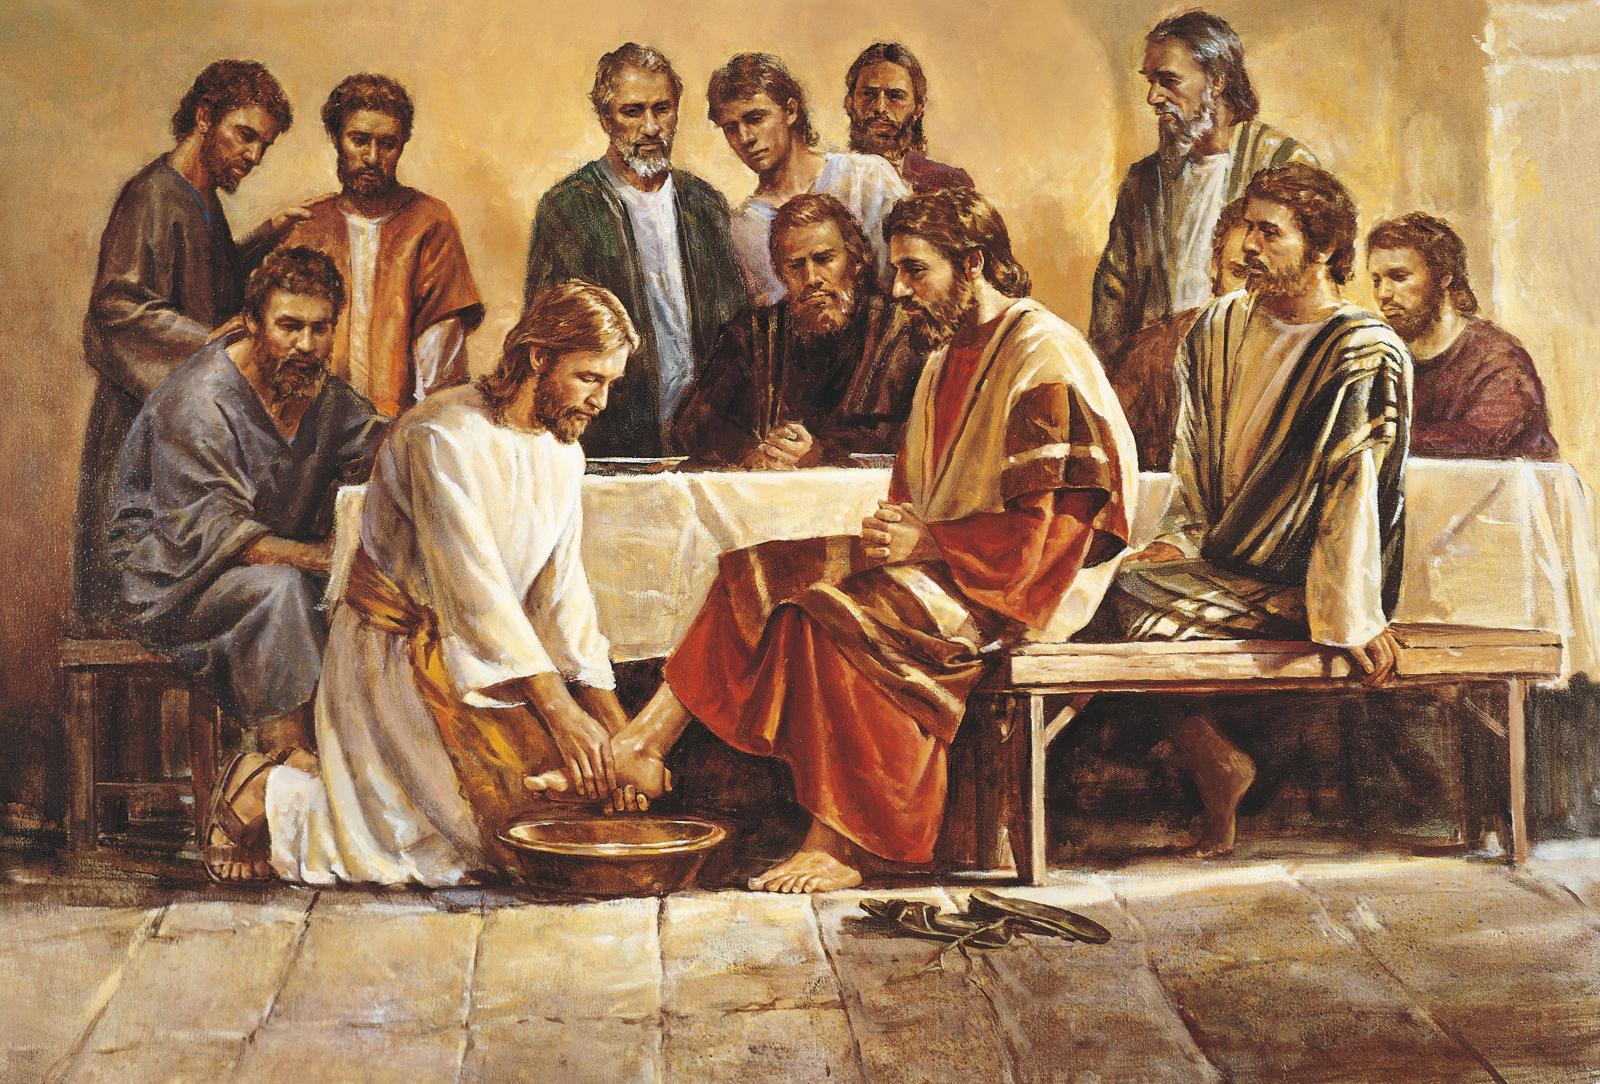 Hình ảnh sinh hoạt của chúa jesus